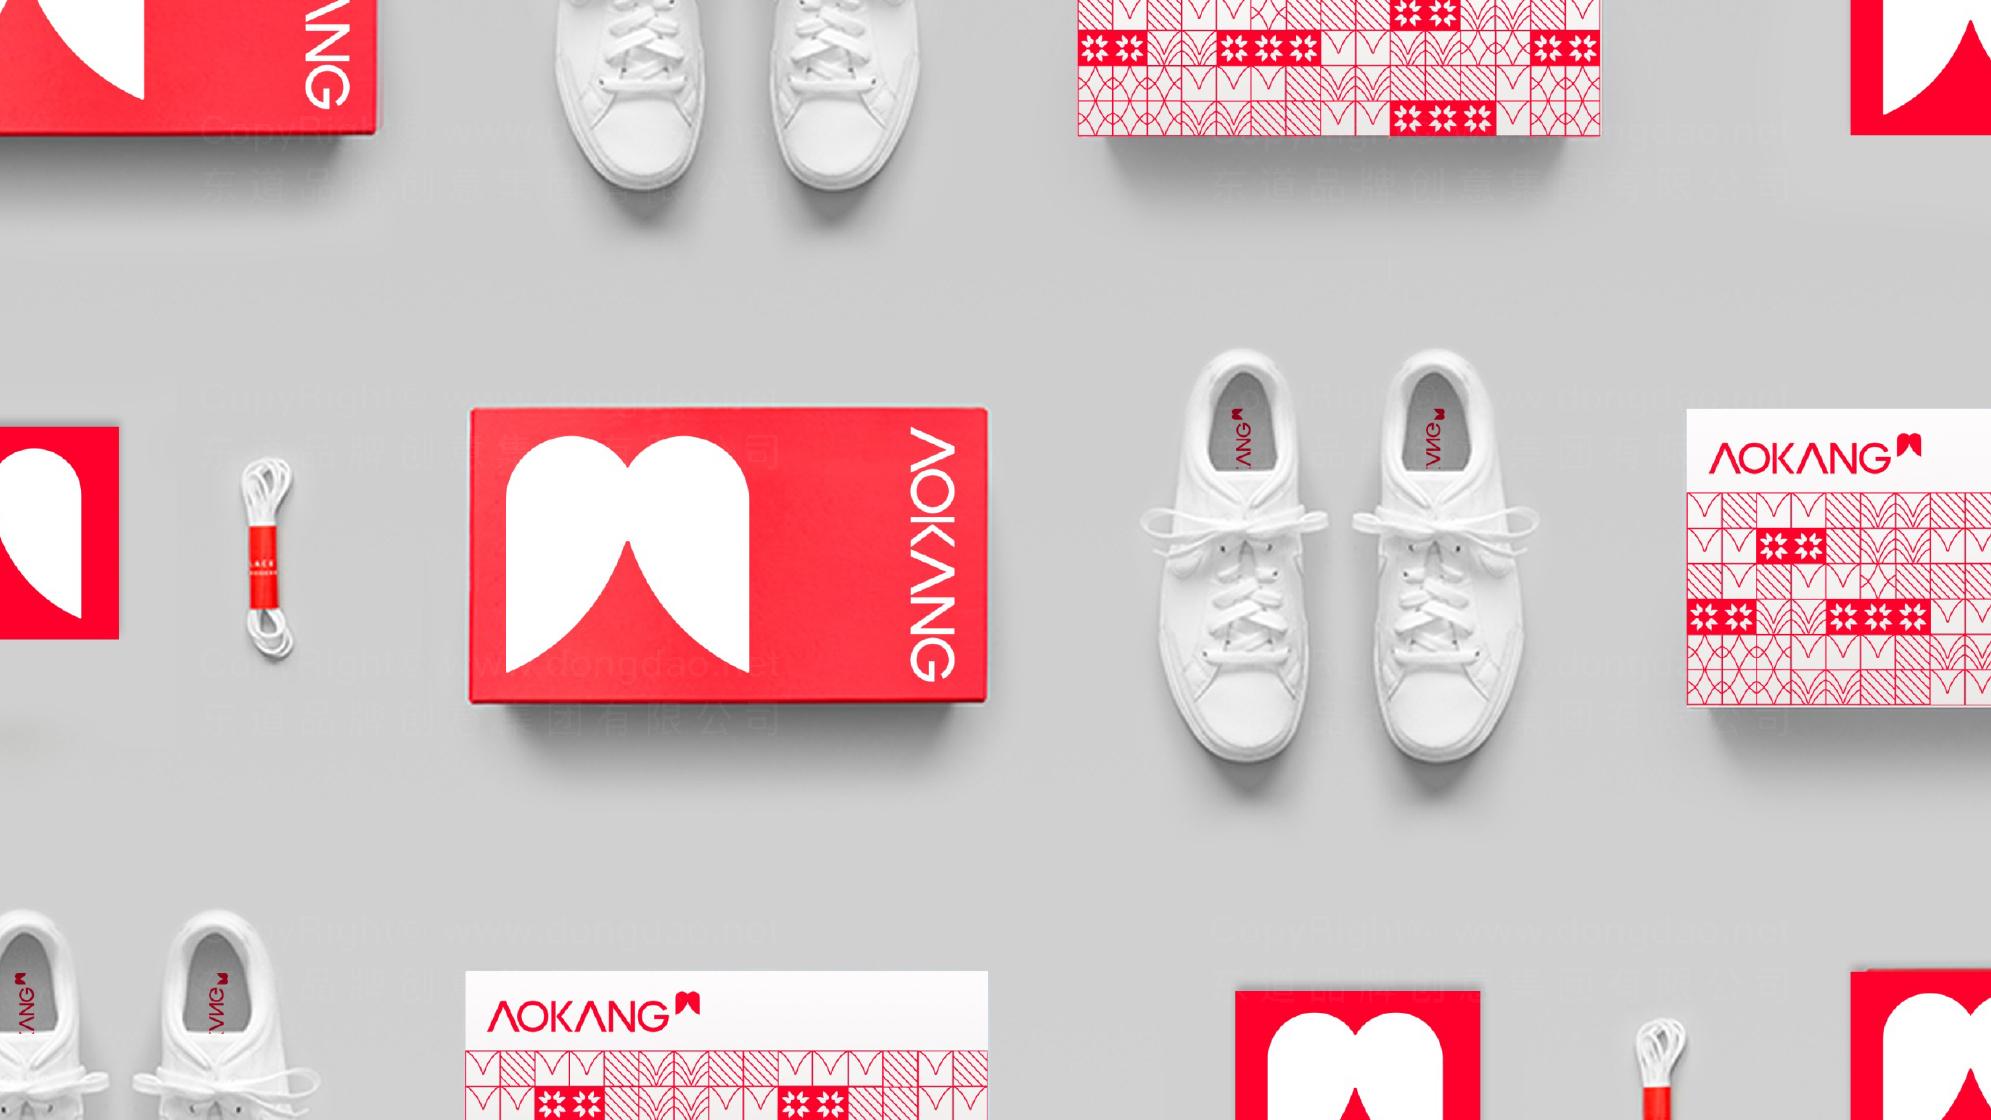 品牌设计奥康鞋业LOGO&VI设计应用场景_13